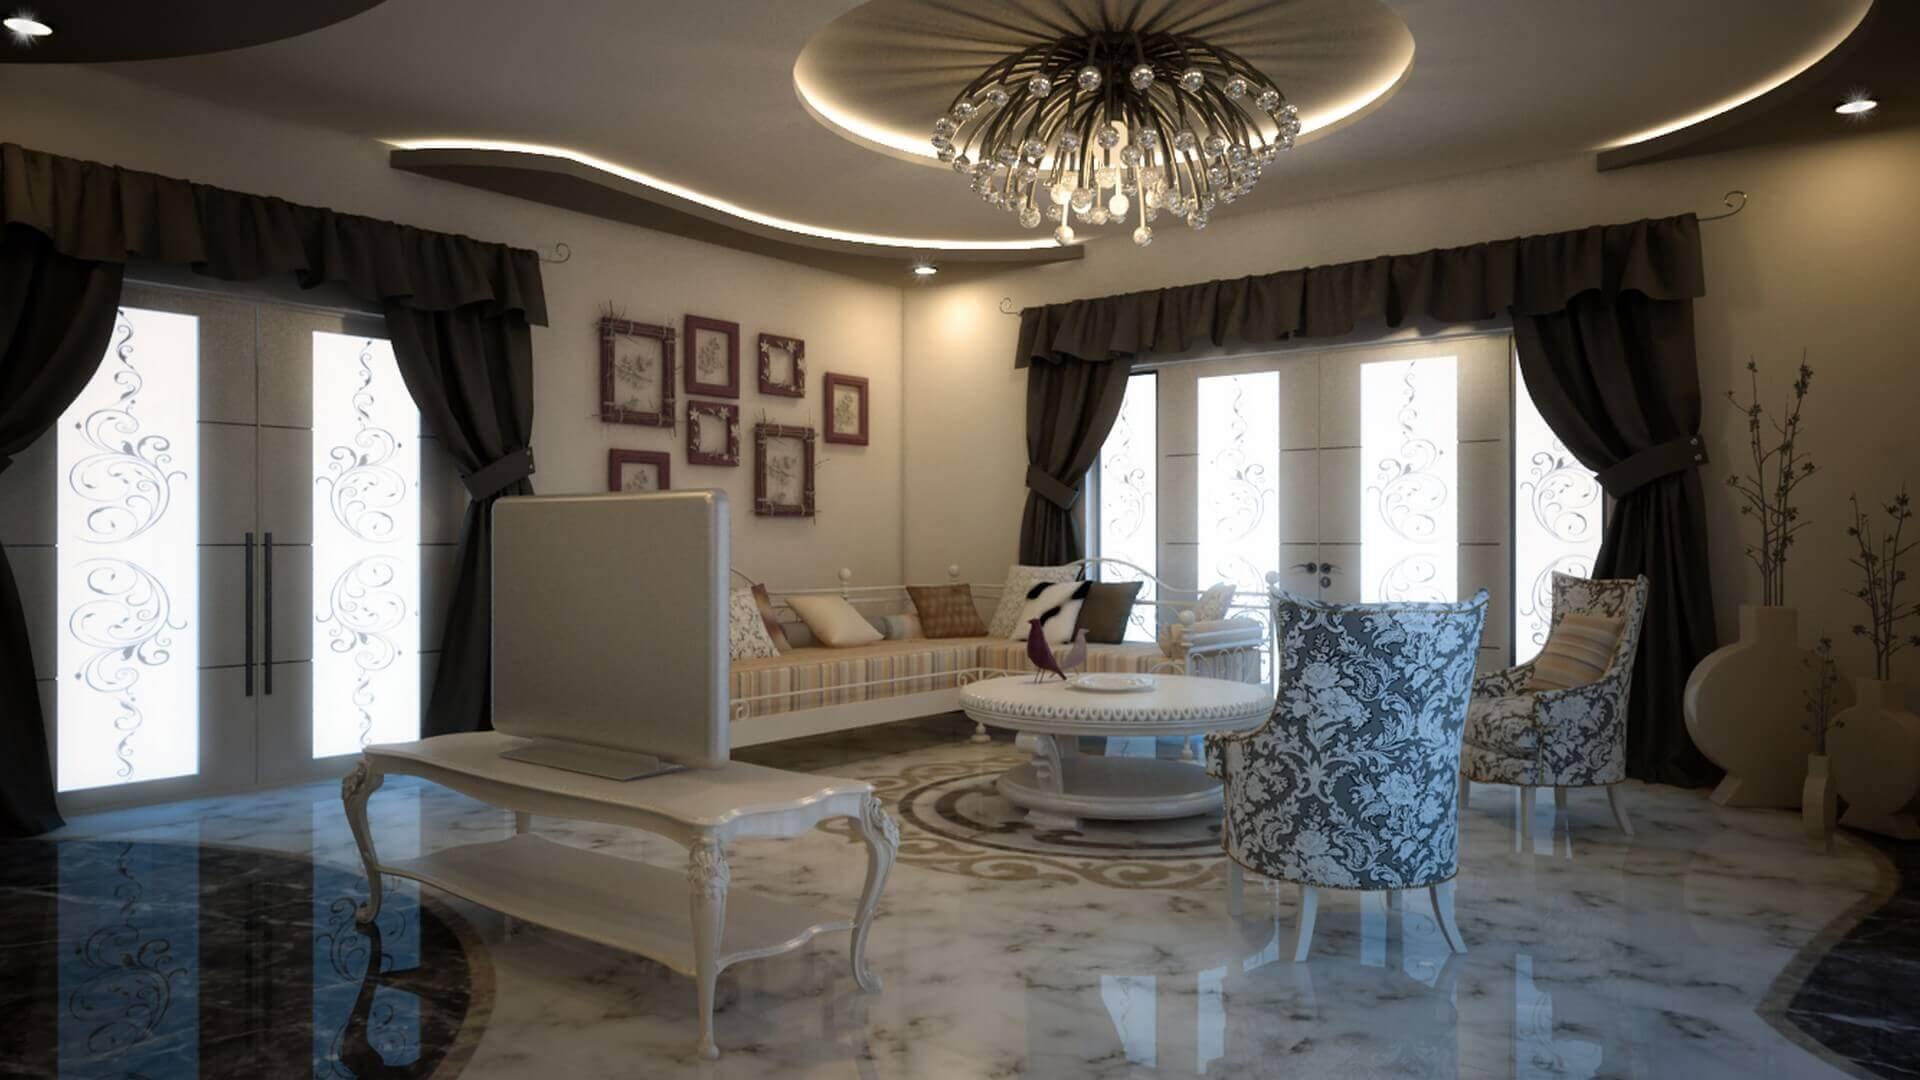 İncek 2897 C. Balta House Residential